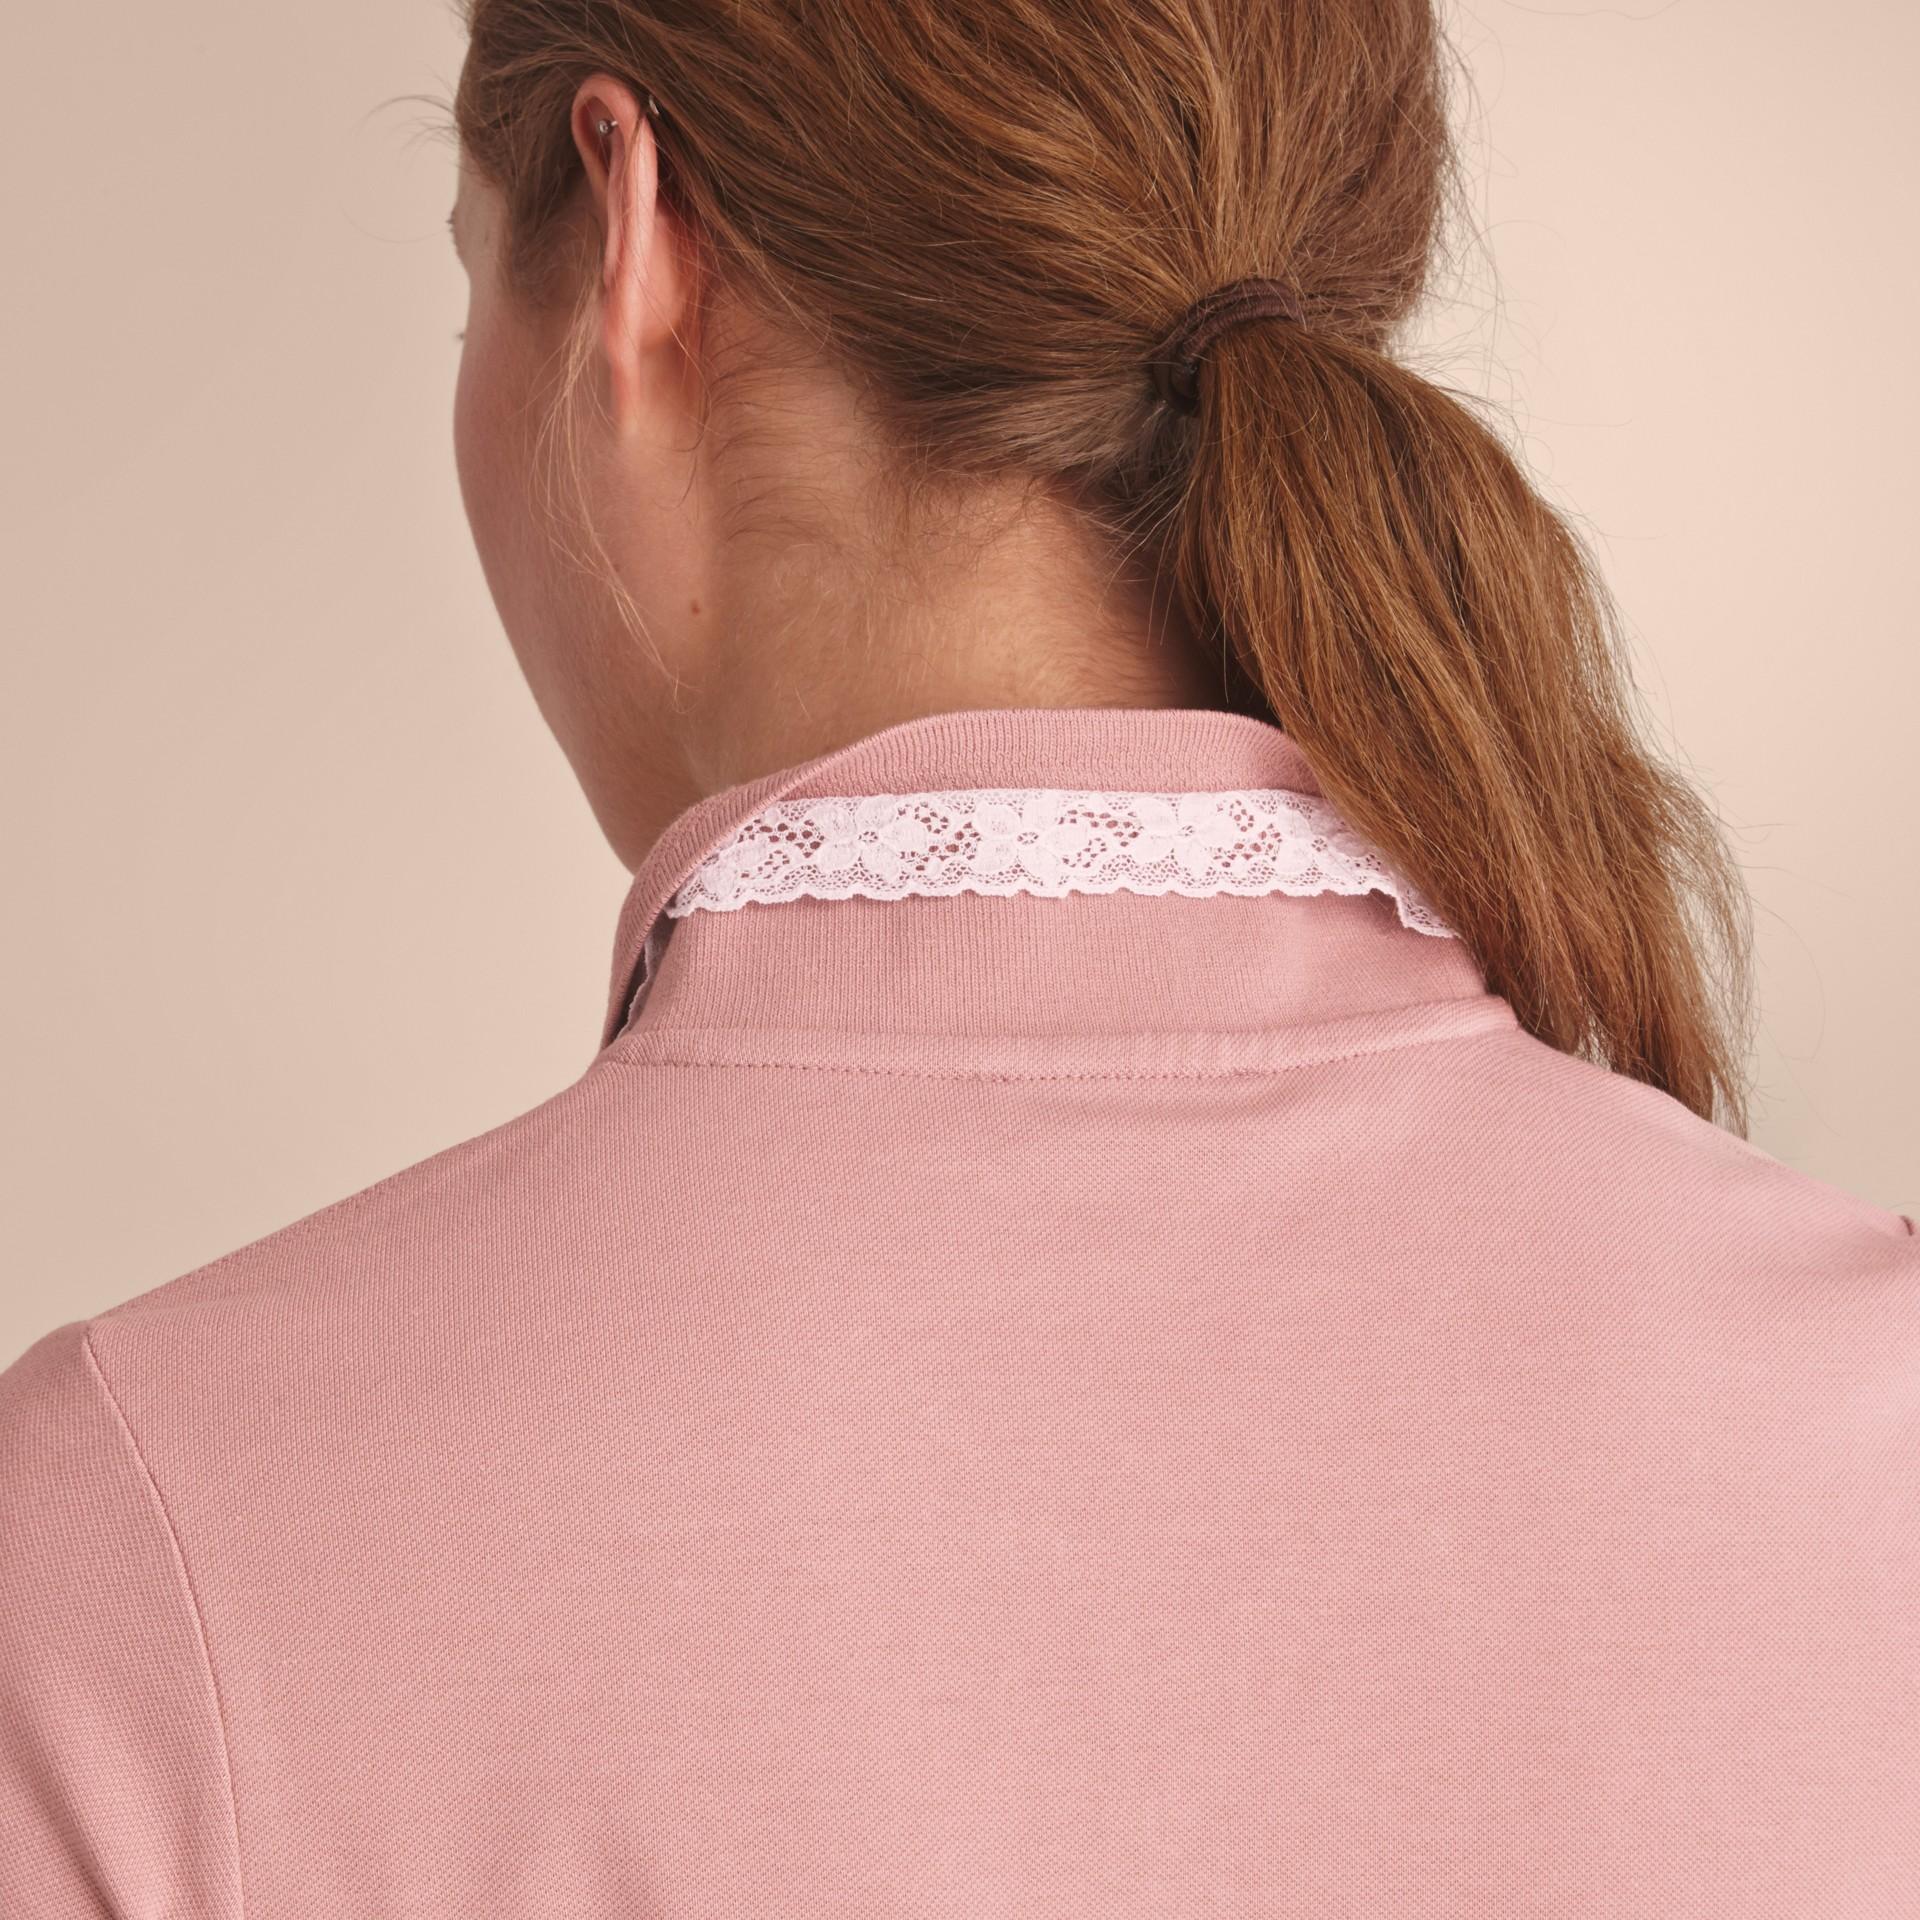 Polo en coton mélangé avec bordure en dentelle et détails check (Nude) - Femme | Burberry - photo de la galerie 6